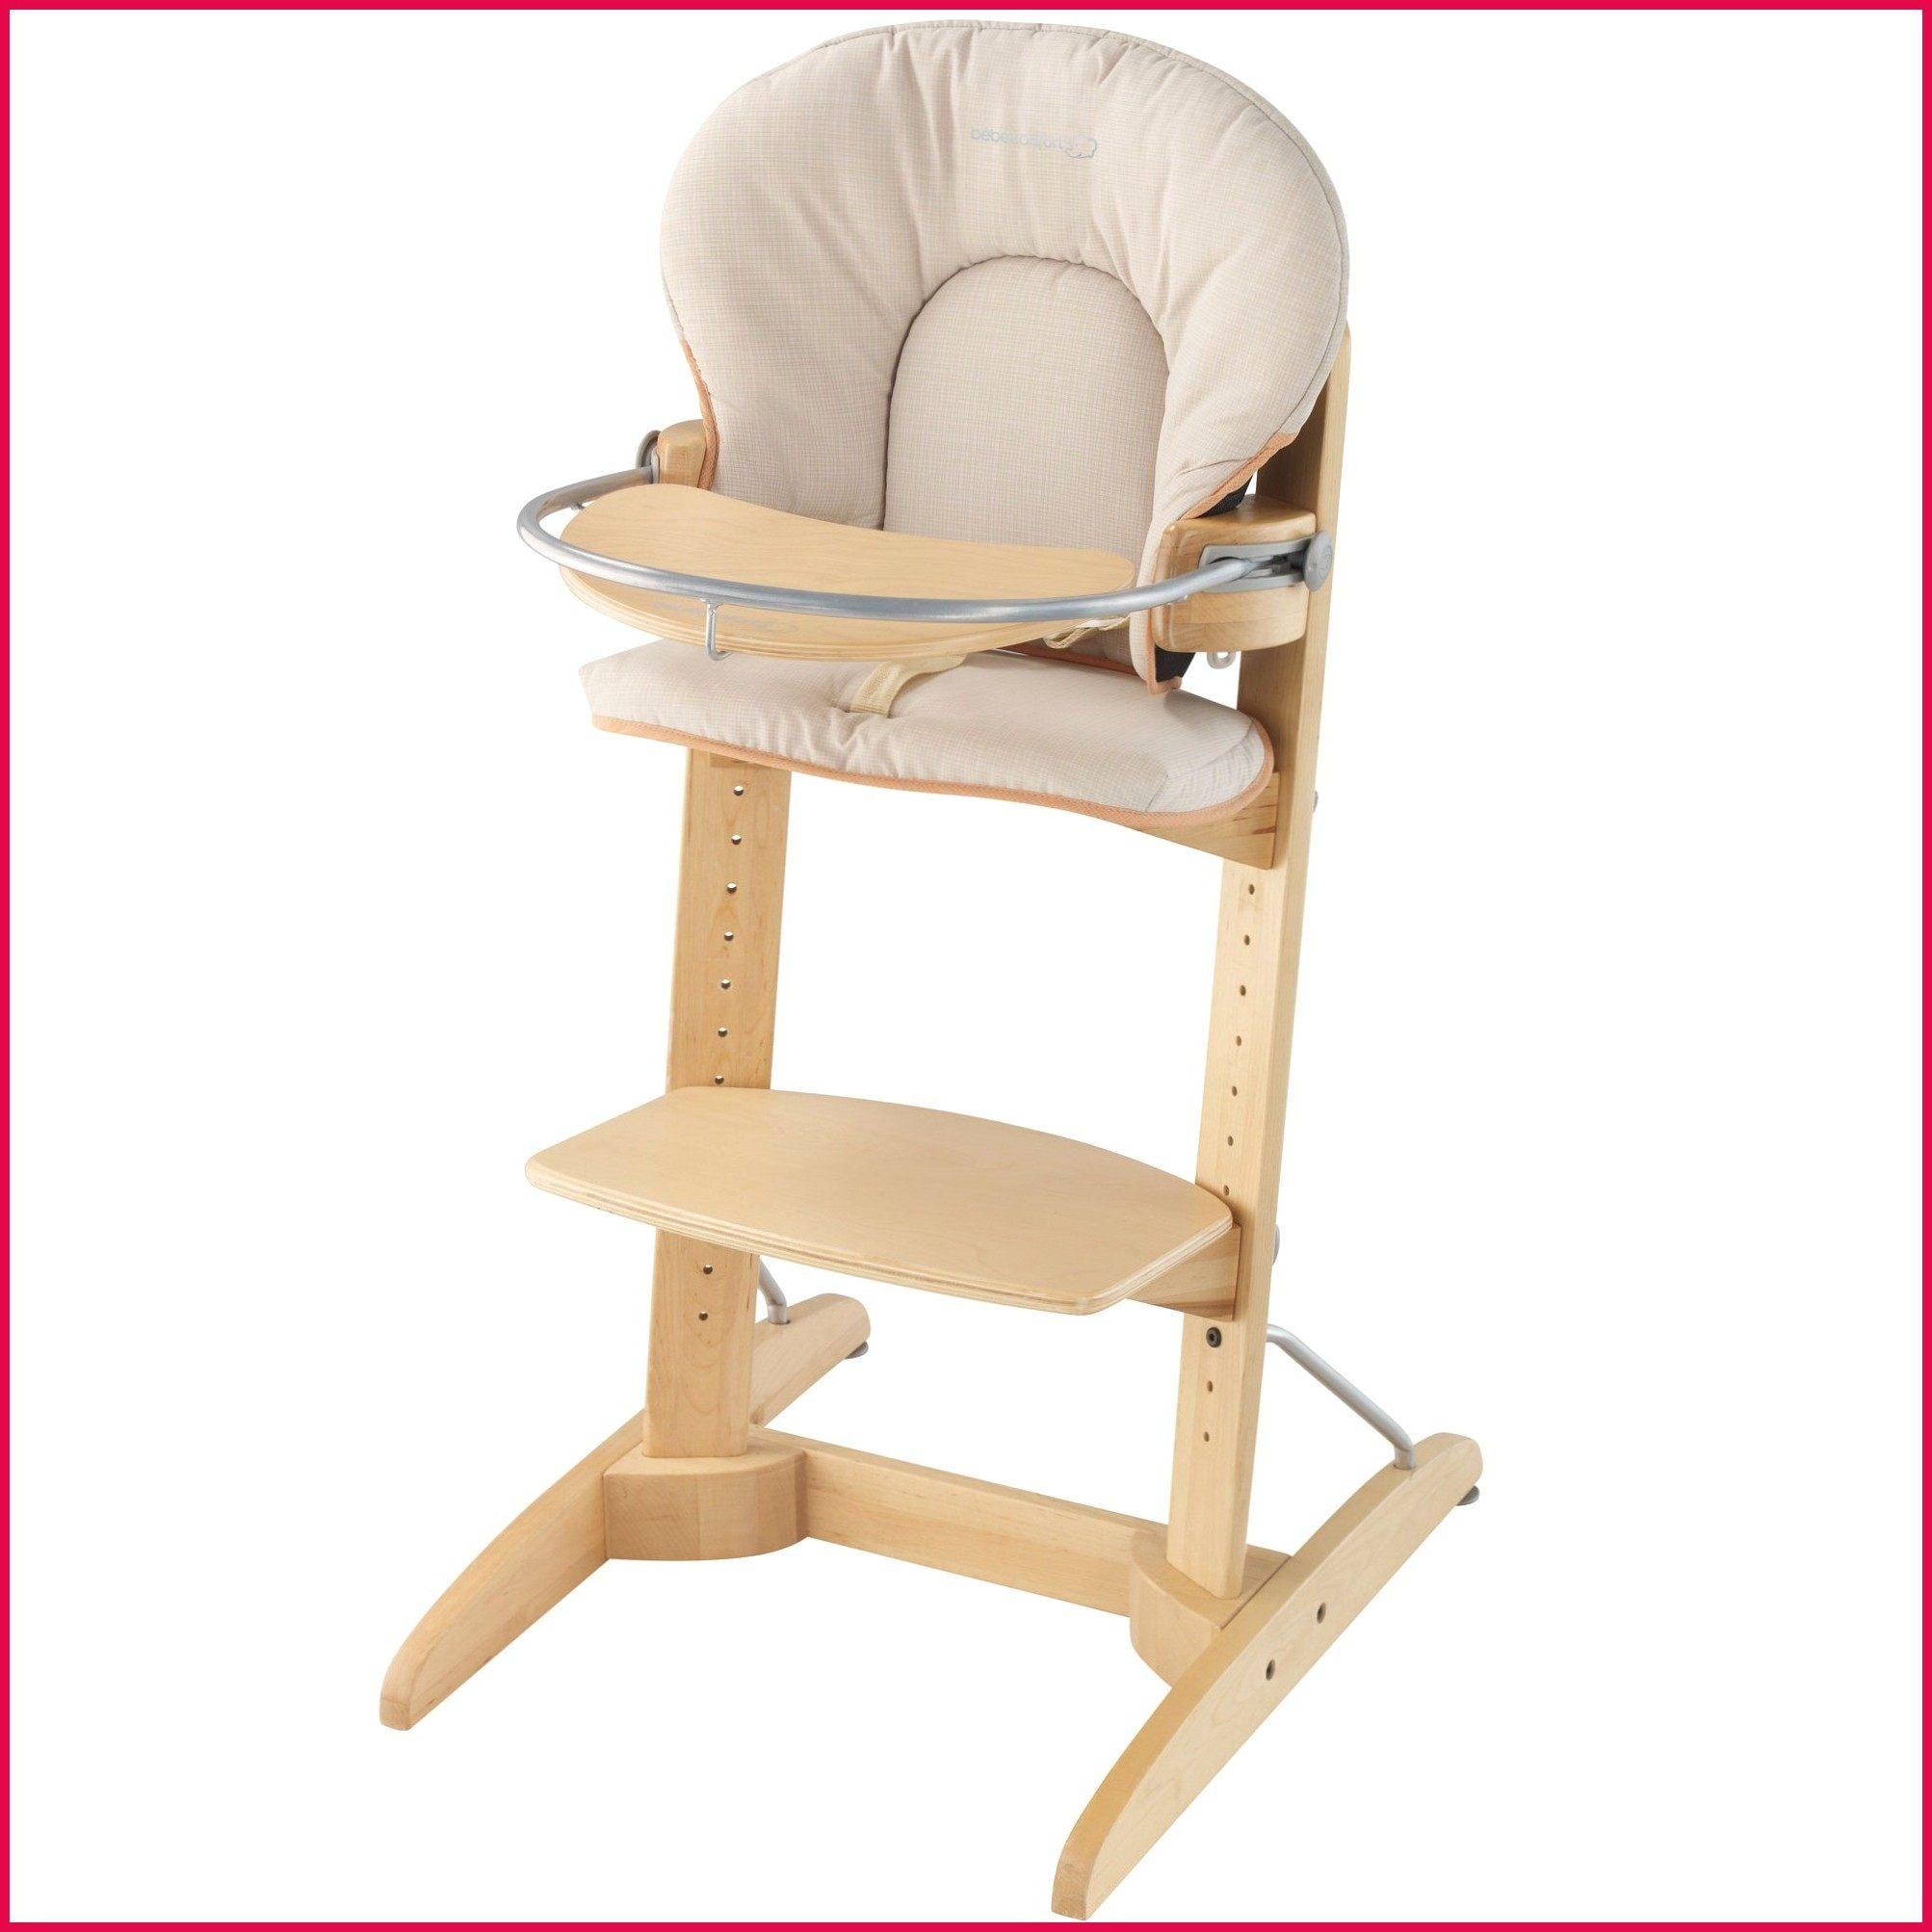 Lit Bébé De Voyage Frais Chaise Haute Pliante Bébé Inspirational Chaise Chaise Haute Pliante